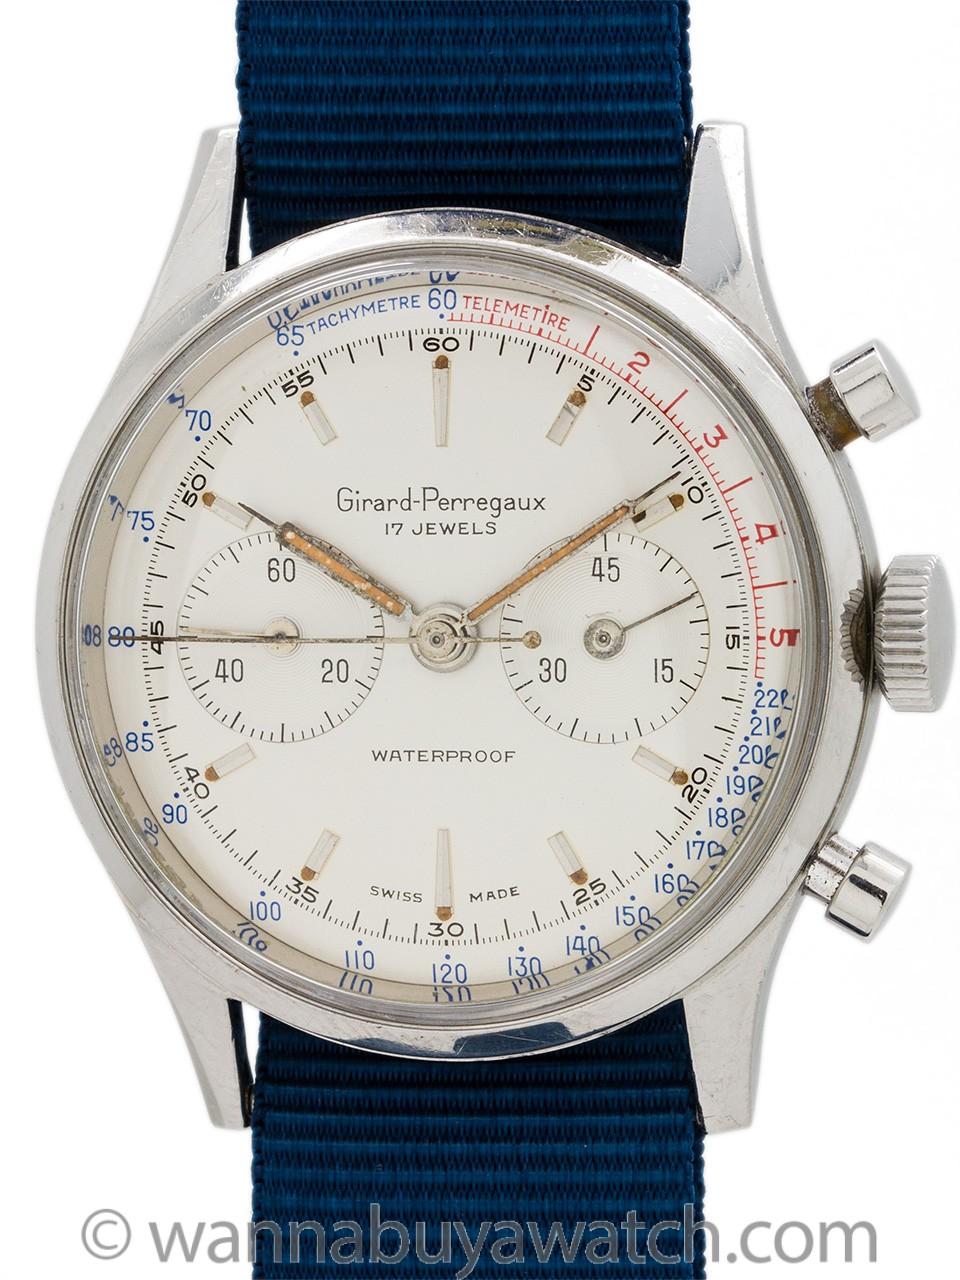 Girard Perregaux Vintage Chronograph circa 1960s